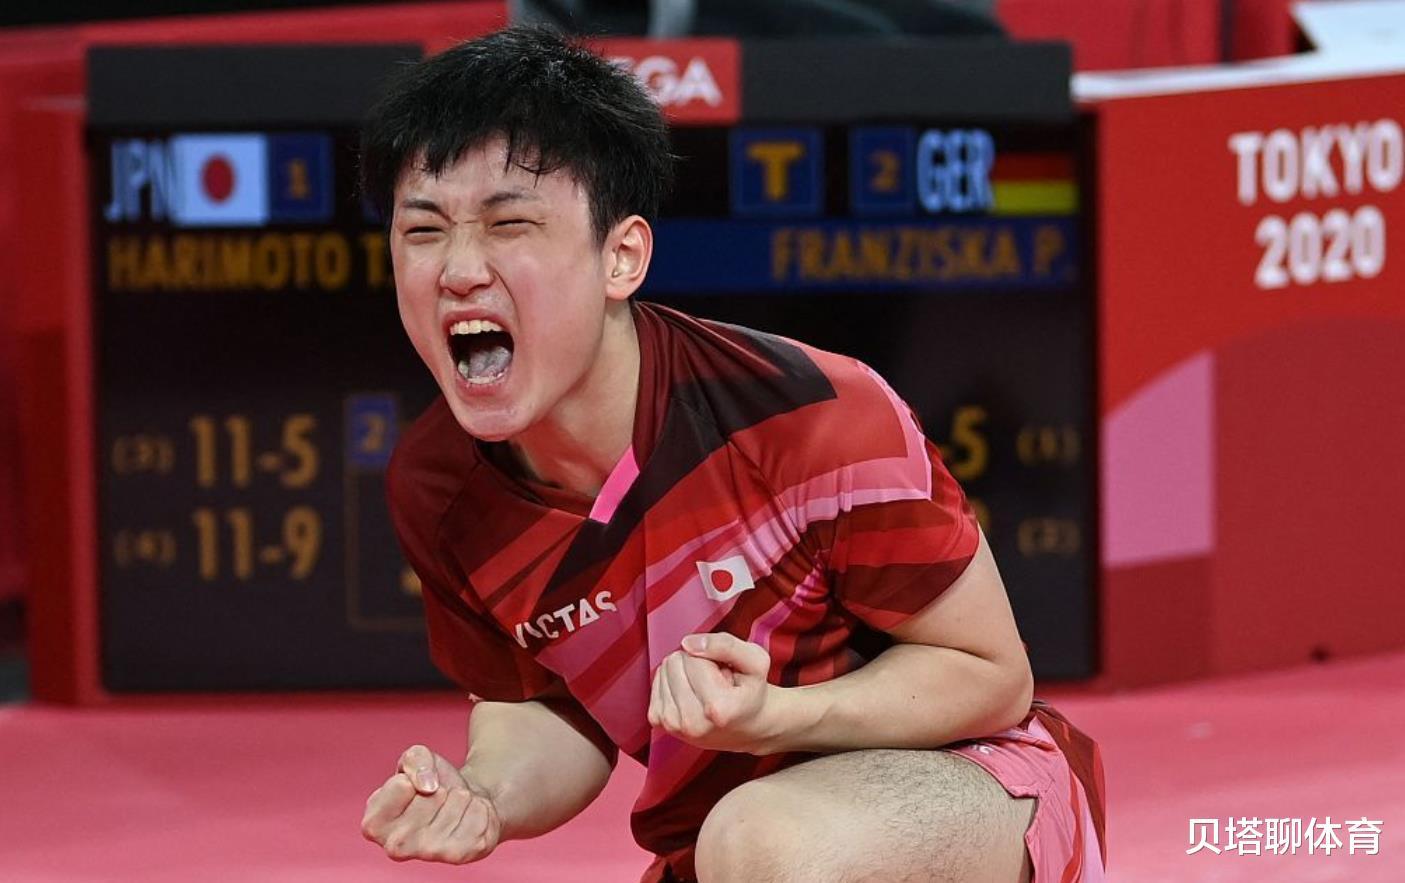 中国球迷膜拜日本男乒?名嘴:张本智和满地打滚,每得1分杀猪叫